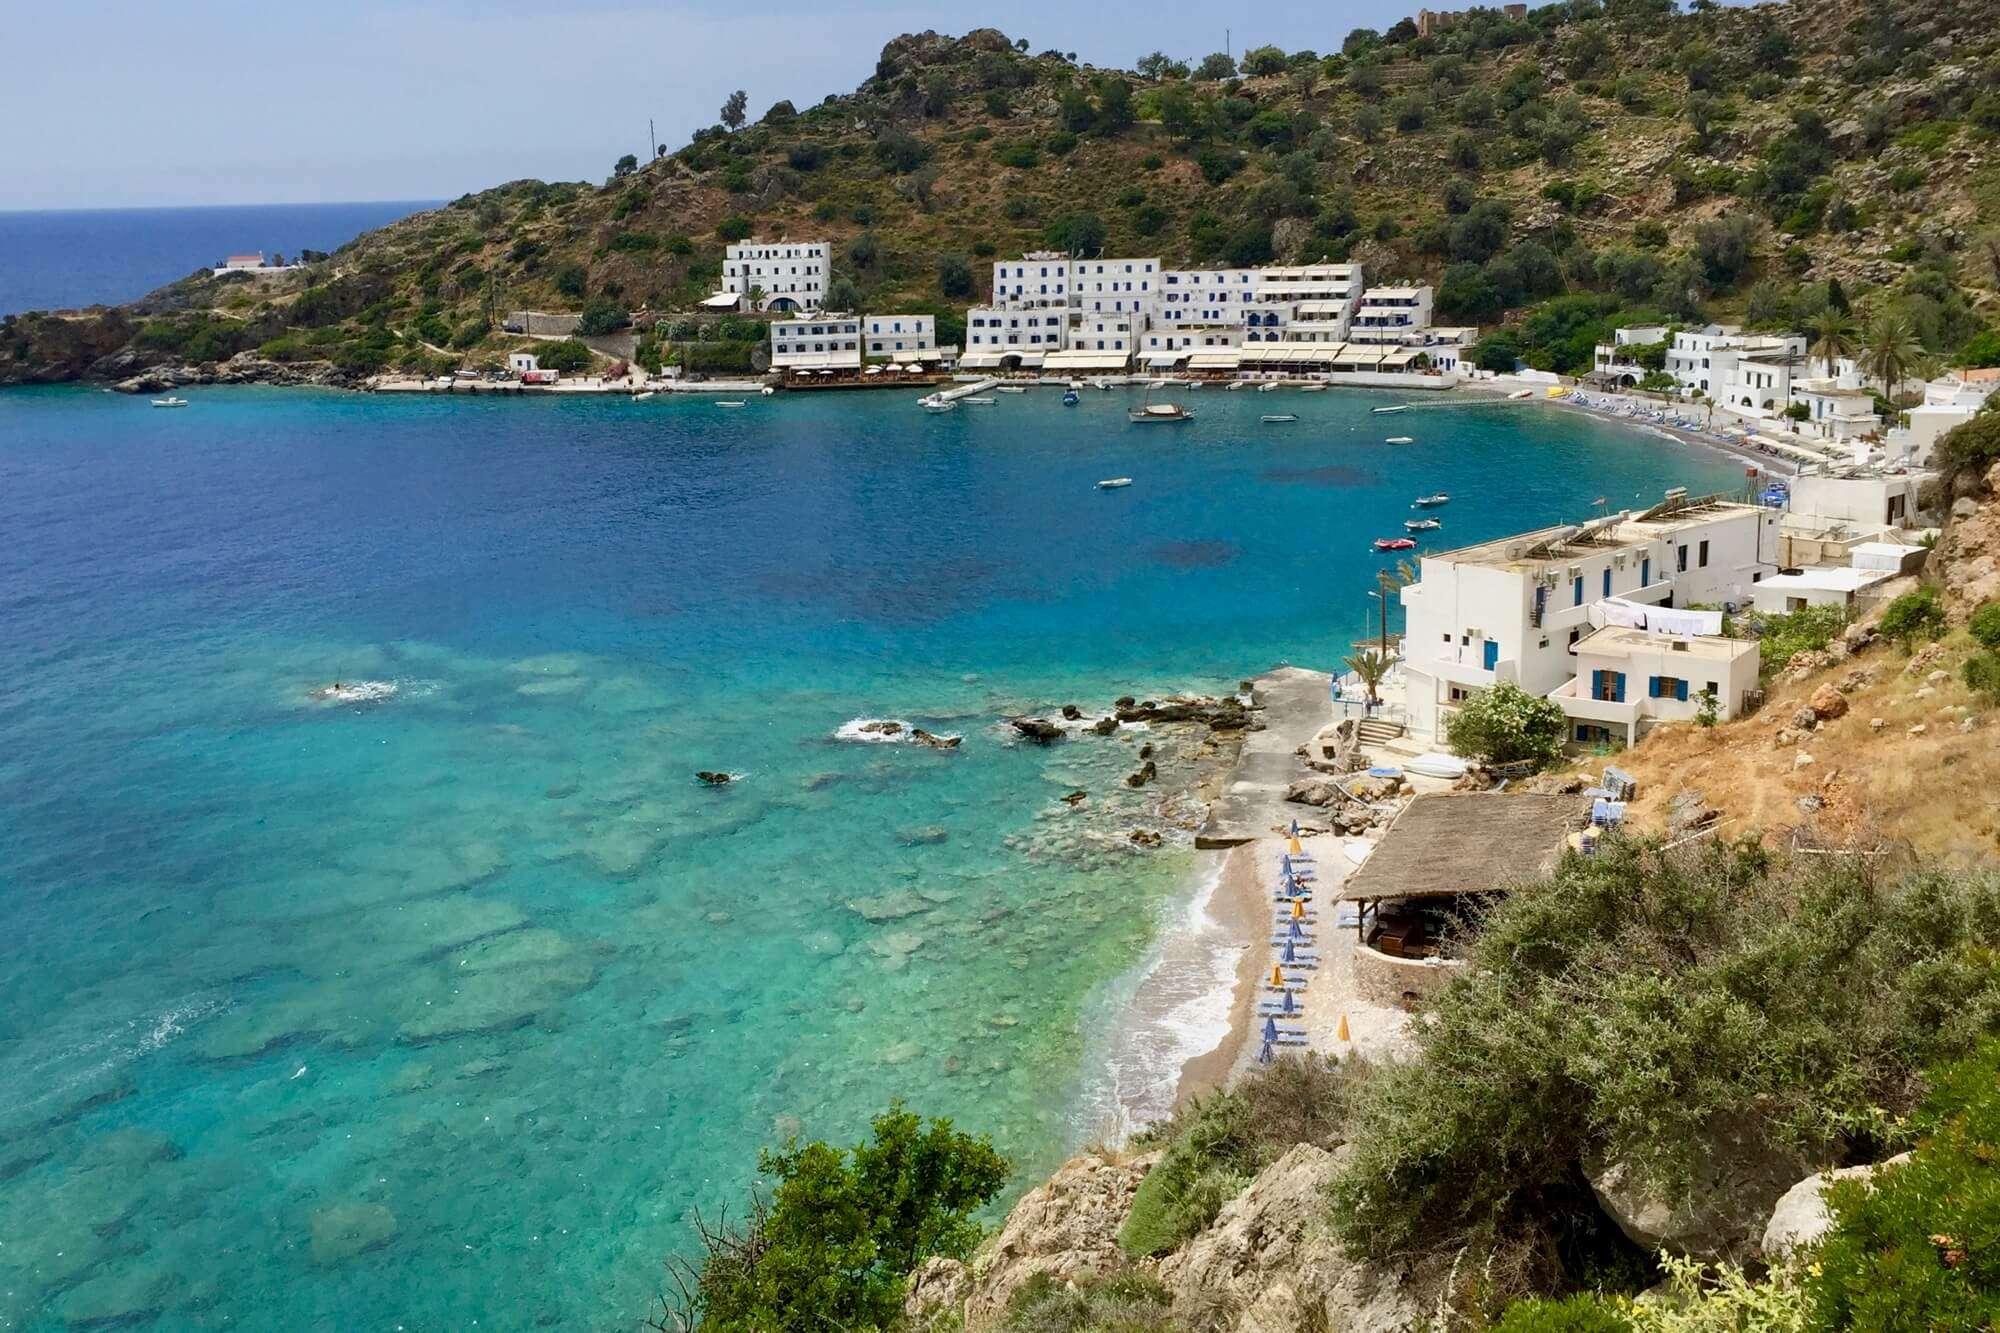 Loutro an Kretas Südküste von Osten aufgenommen